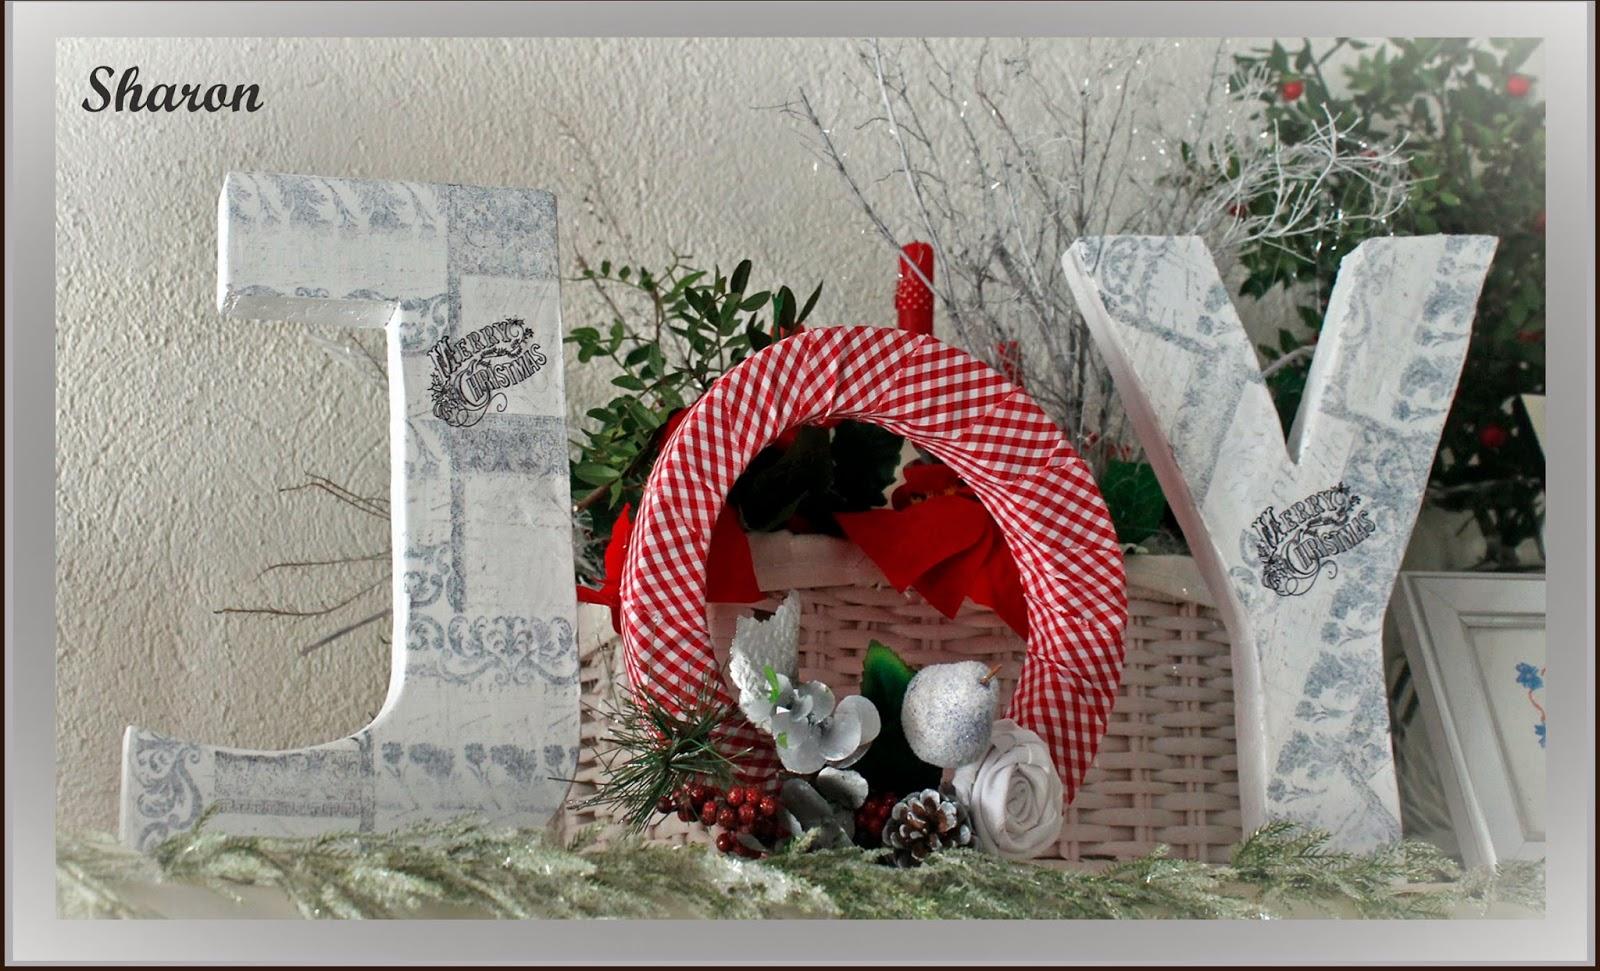 Las manualidades de sharon diciembre 2013 for Manualidades para diciembre